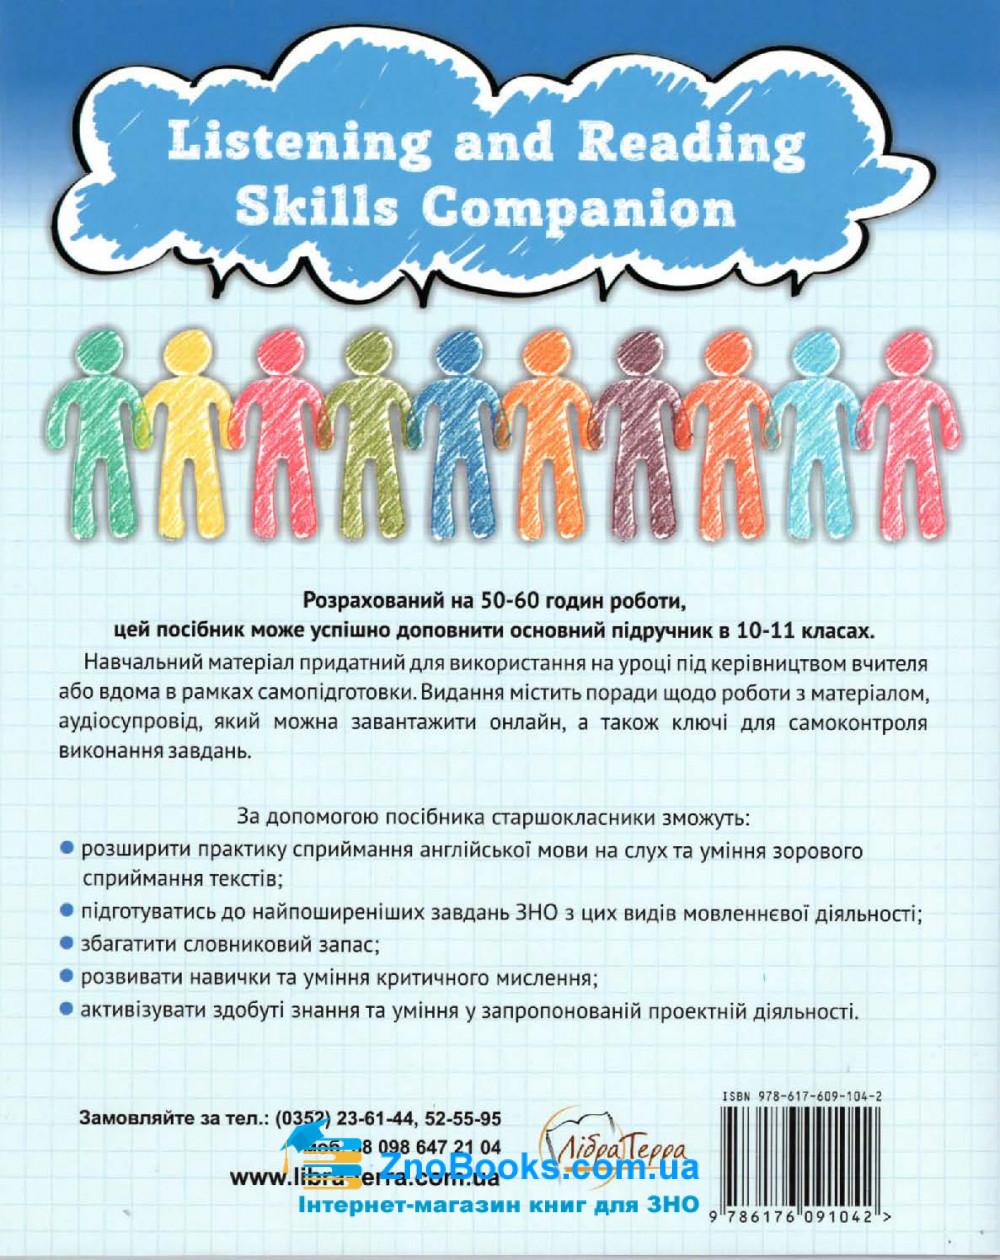 Listening and Reading Companion: (книга з аудіювання та зорового сприймяння текстів, з аудіосупроводом). 11